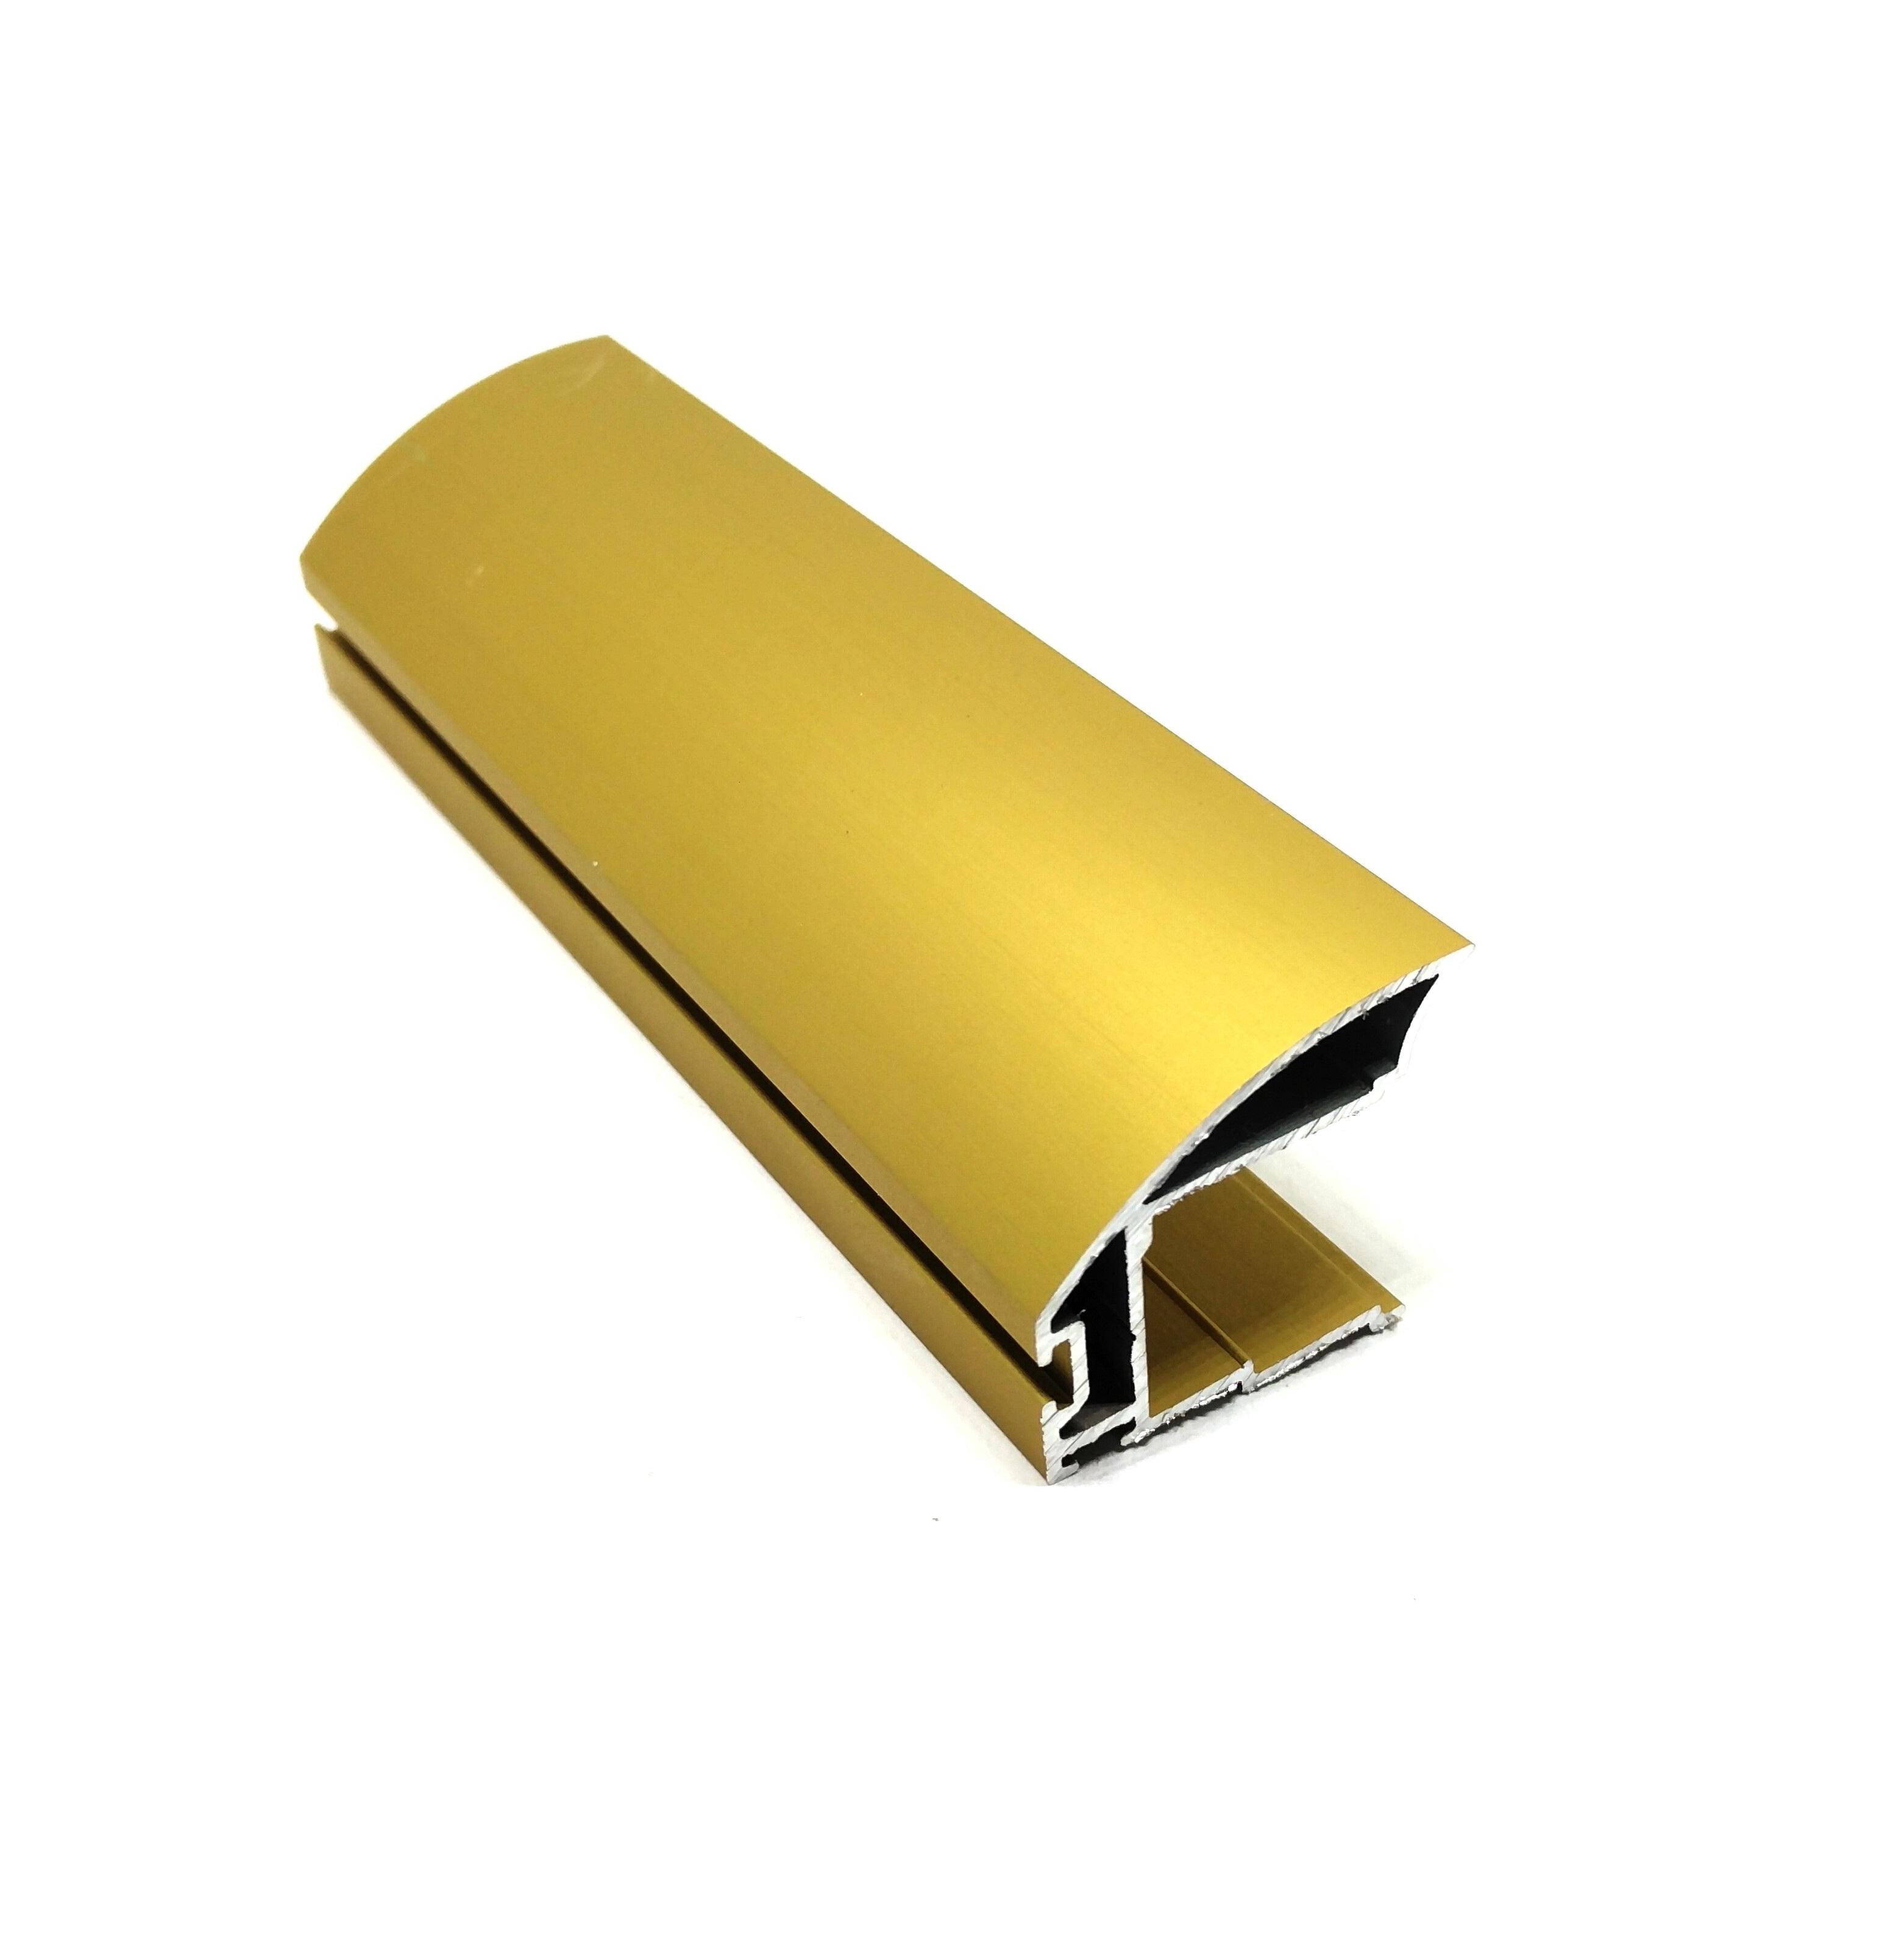 SUPER DUO Sliding Door Kits Gold